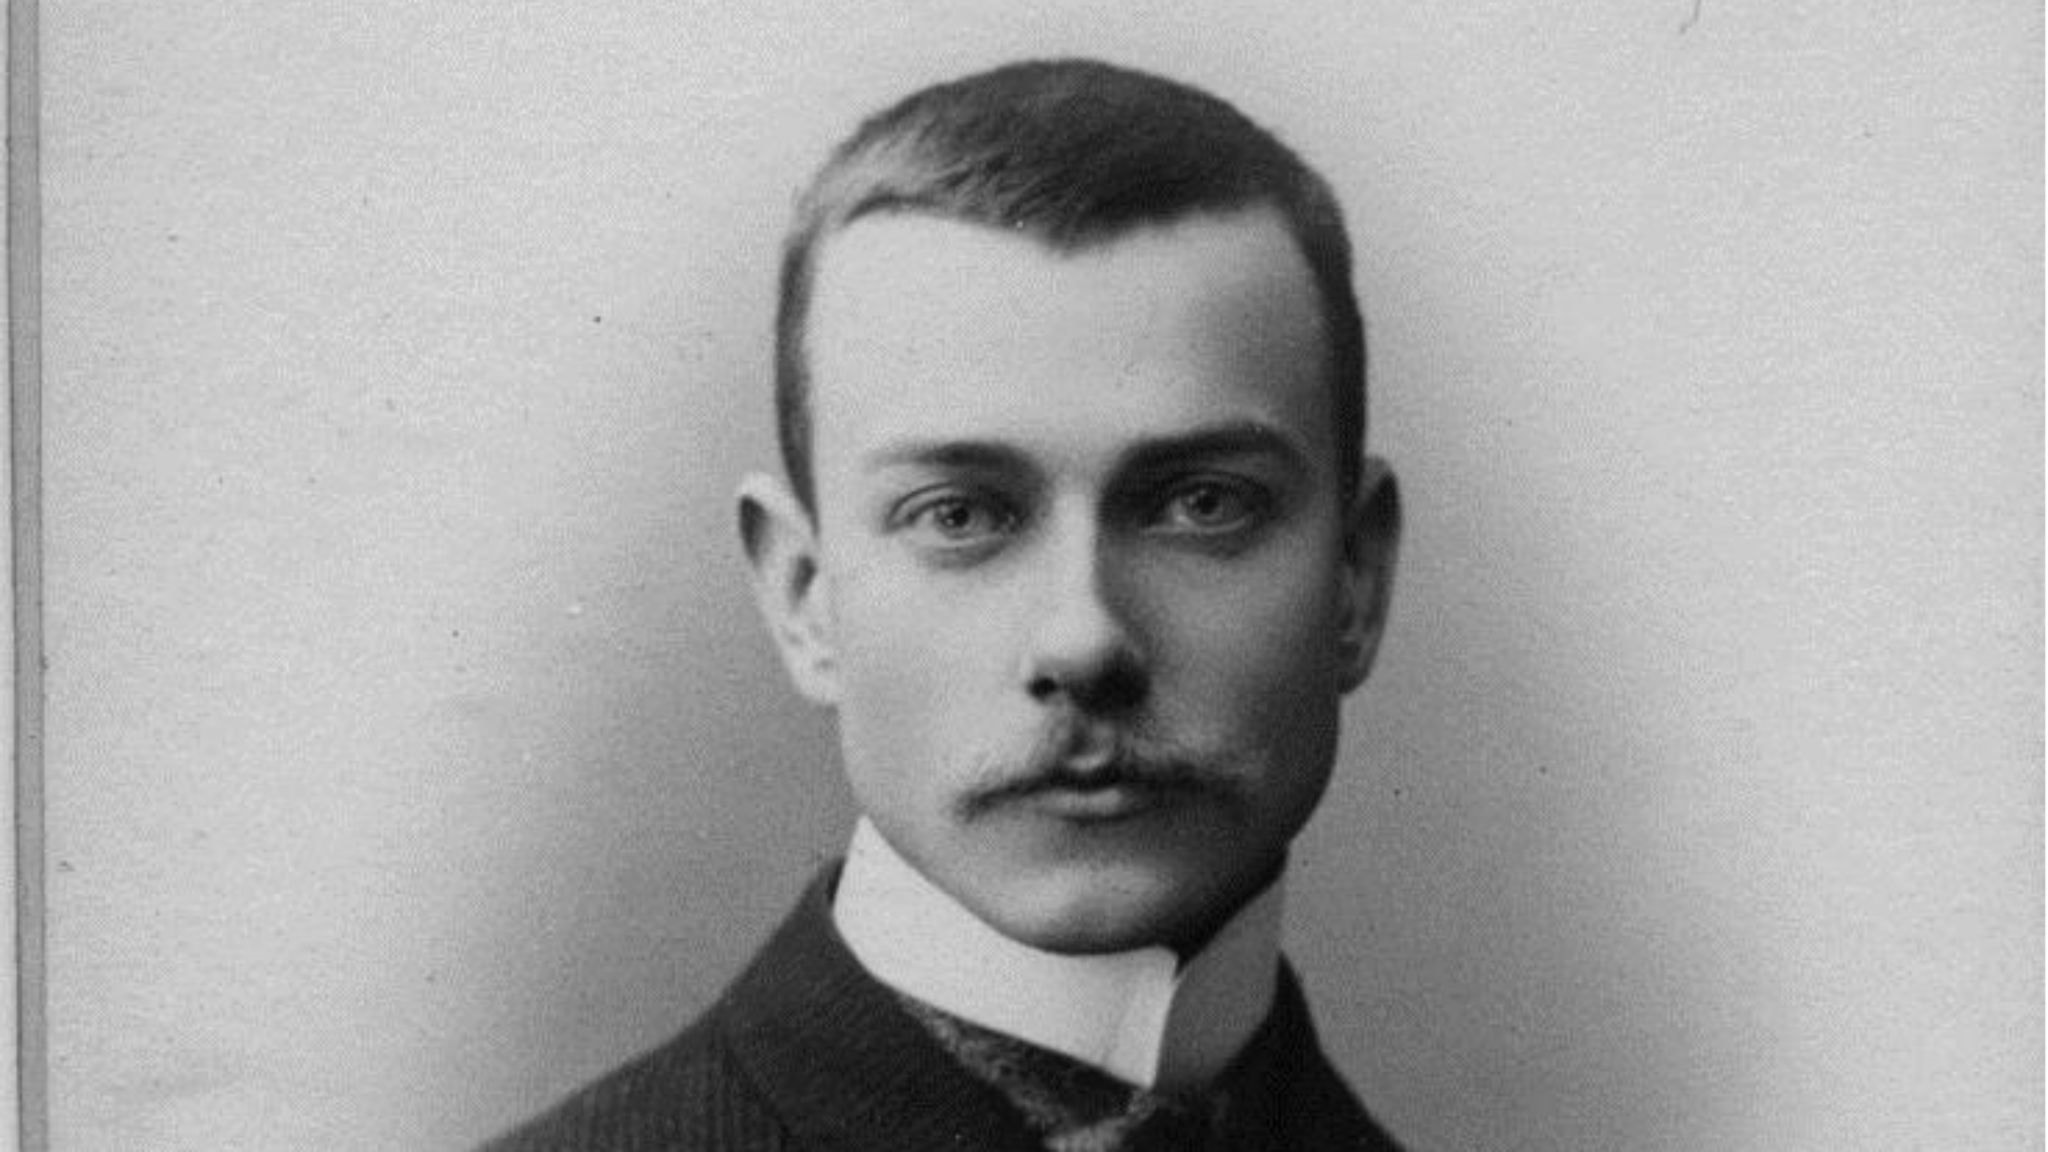 Emil Zilliacus